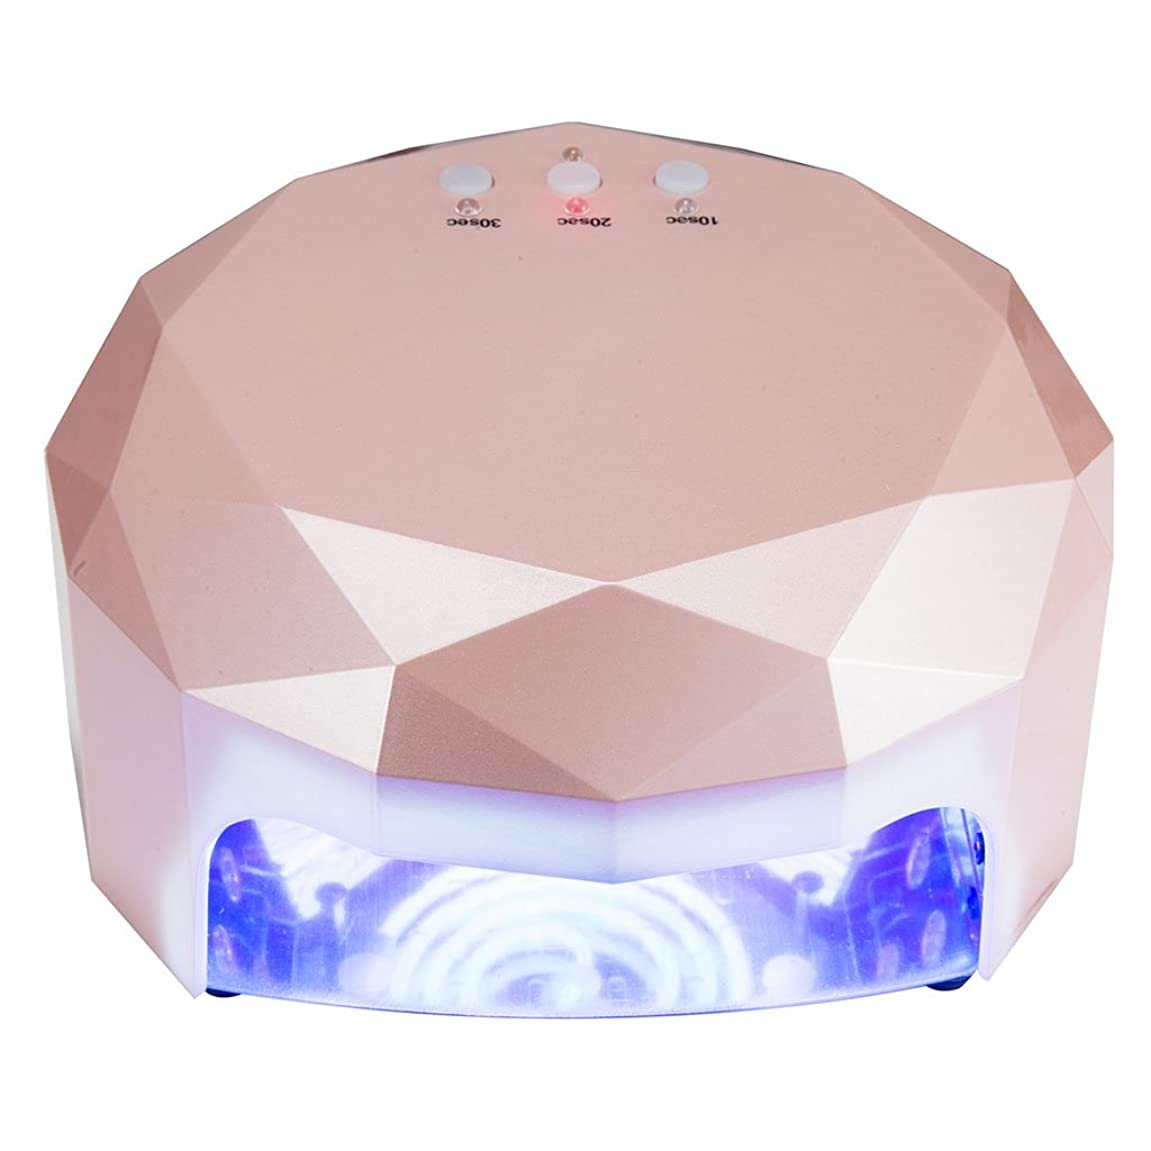 パーティー文明アルカトラズ島ネイル光線療法機 ネイルドライヤー-48w LEDネイル光線療法装置誘導光線療法ネイルマシンネイルドライヤー